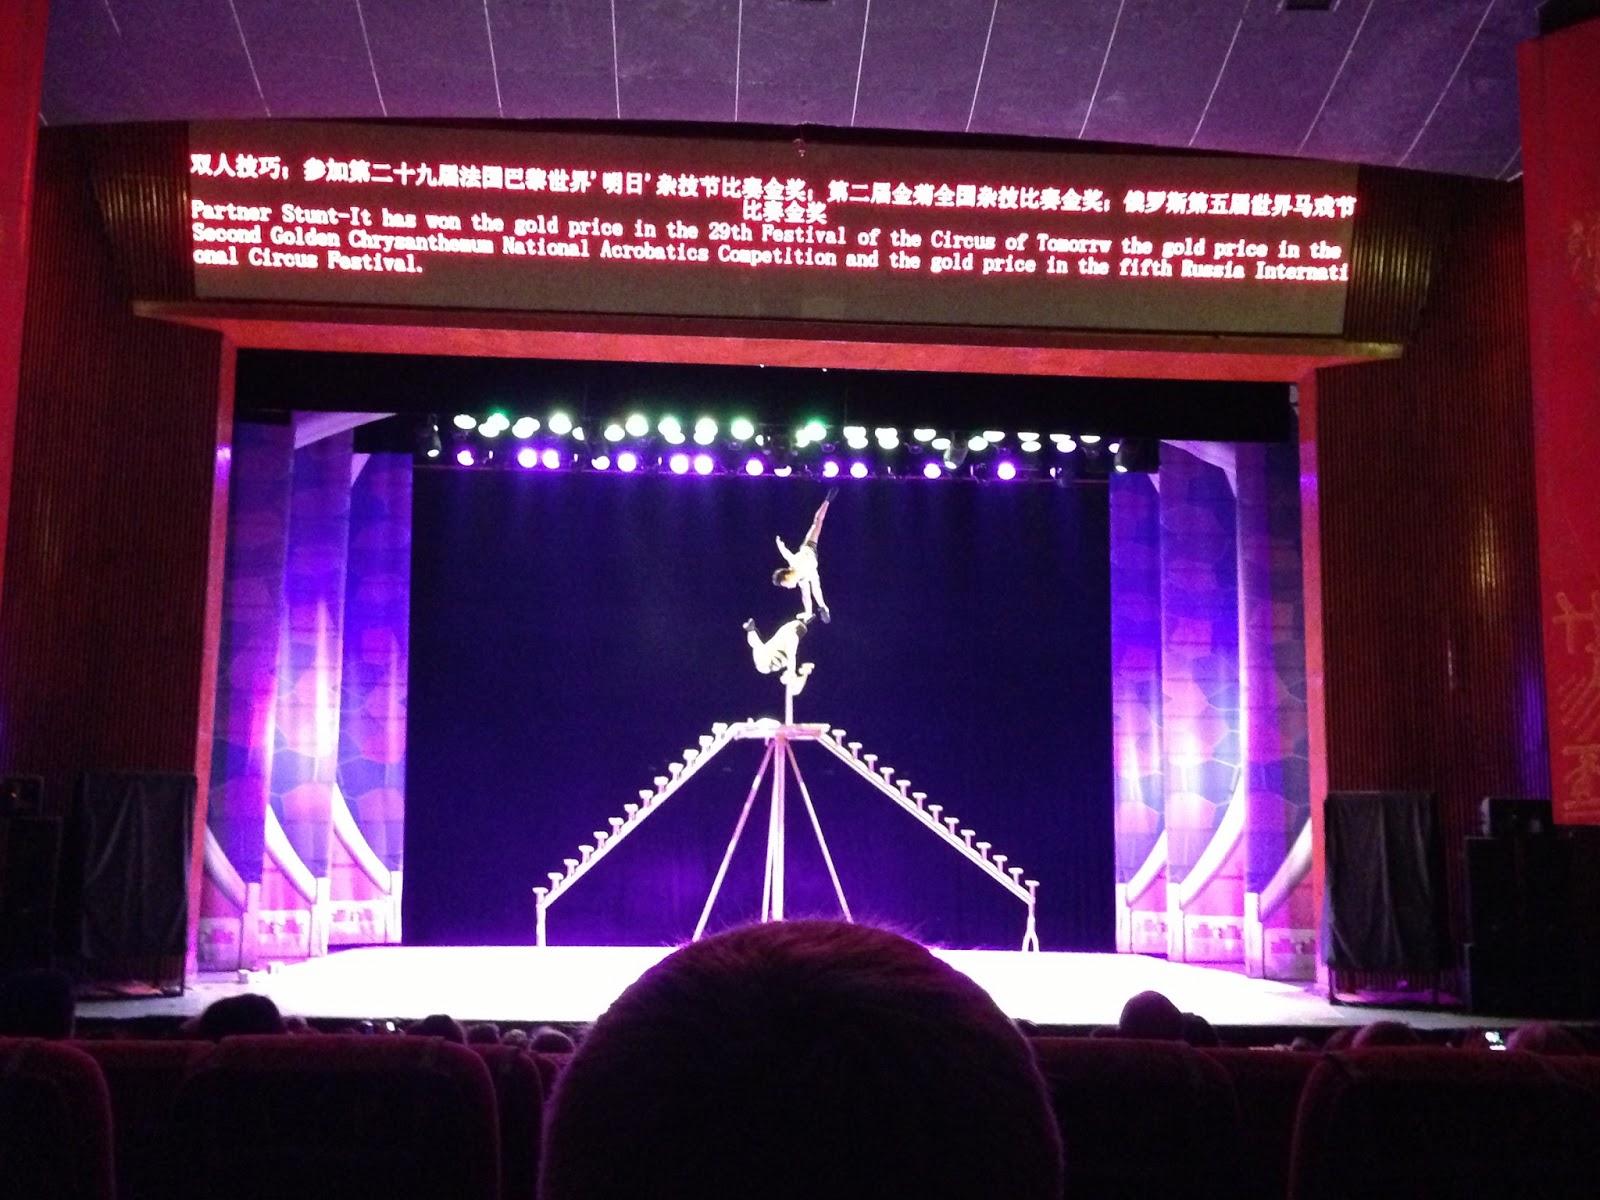 Chaoyang Theatre, Bejing, China, CRCC Asia